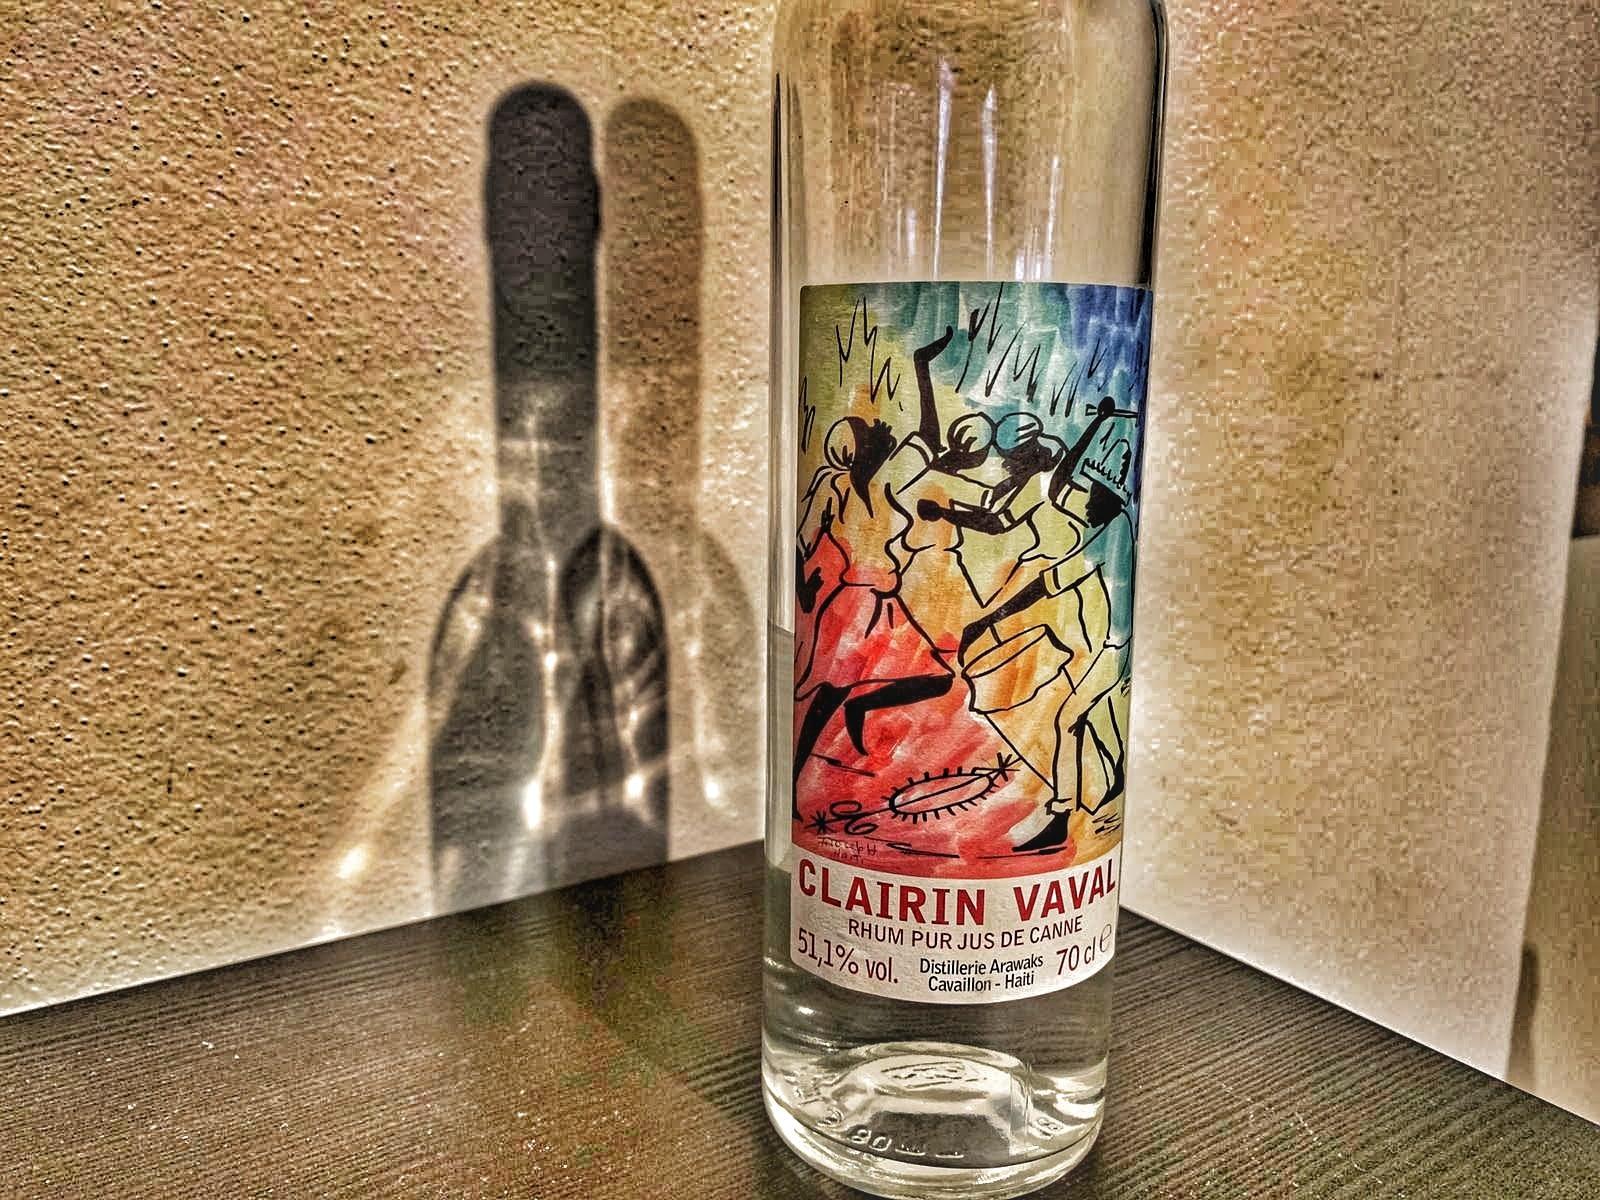 Clairin Vaval – Mění dogma o bílých rumech